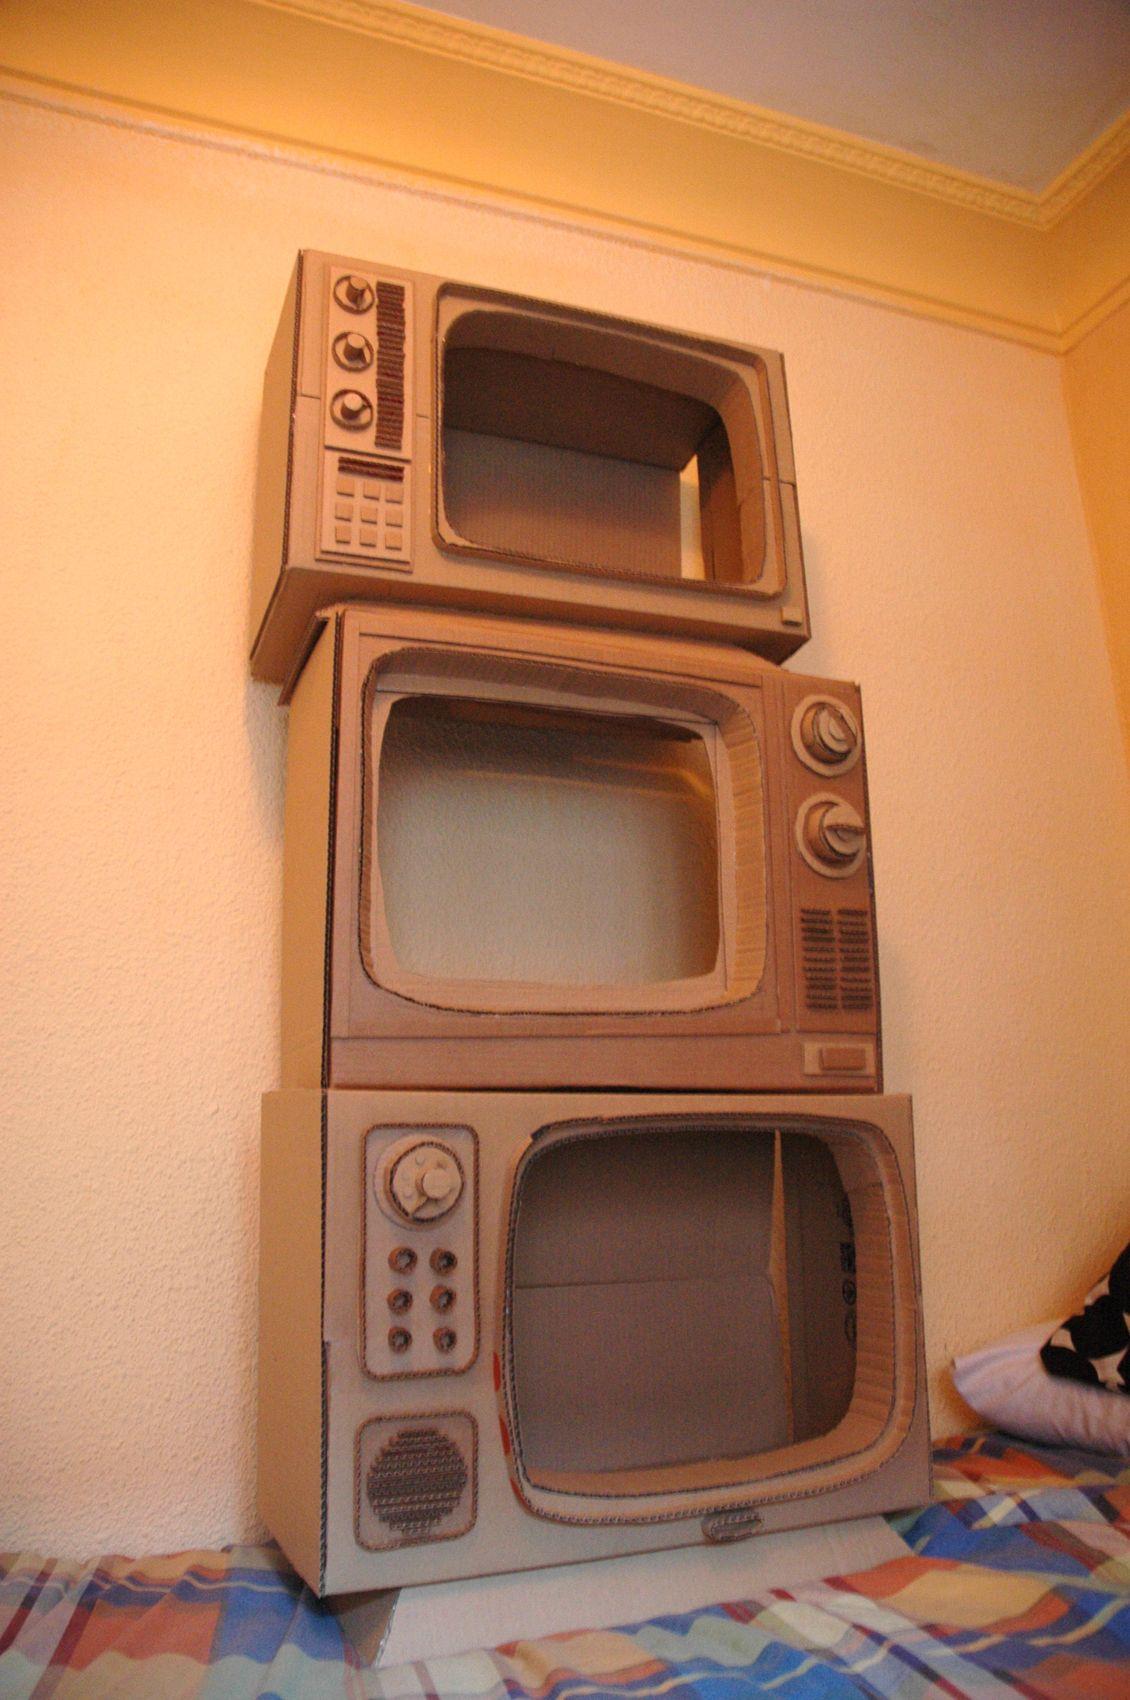 Что и как можно сделать из старого телевизора? Когда умелые руки лучше 75